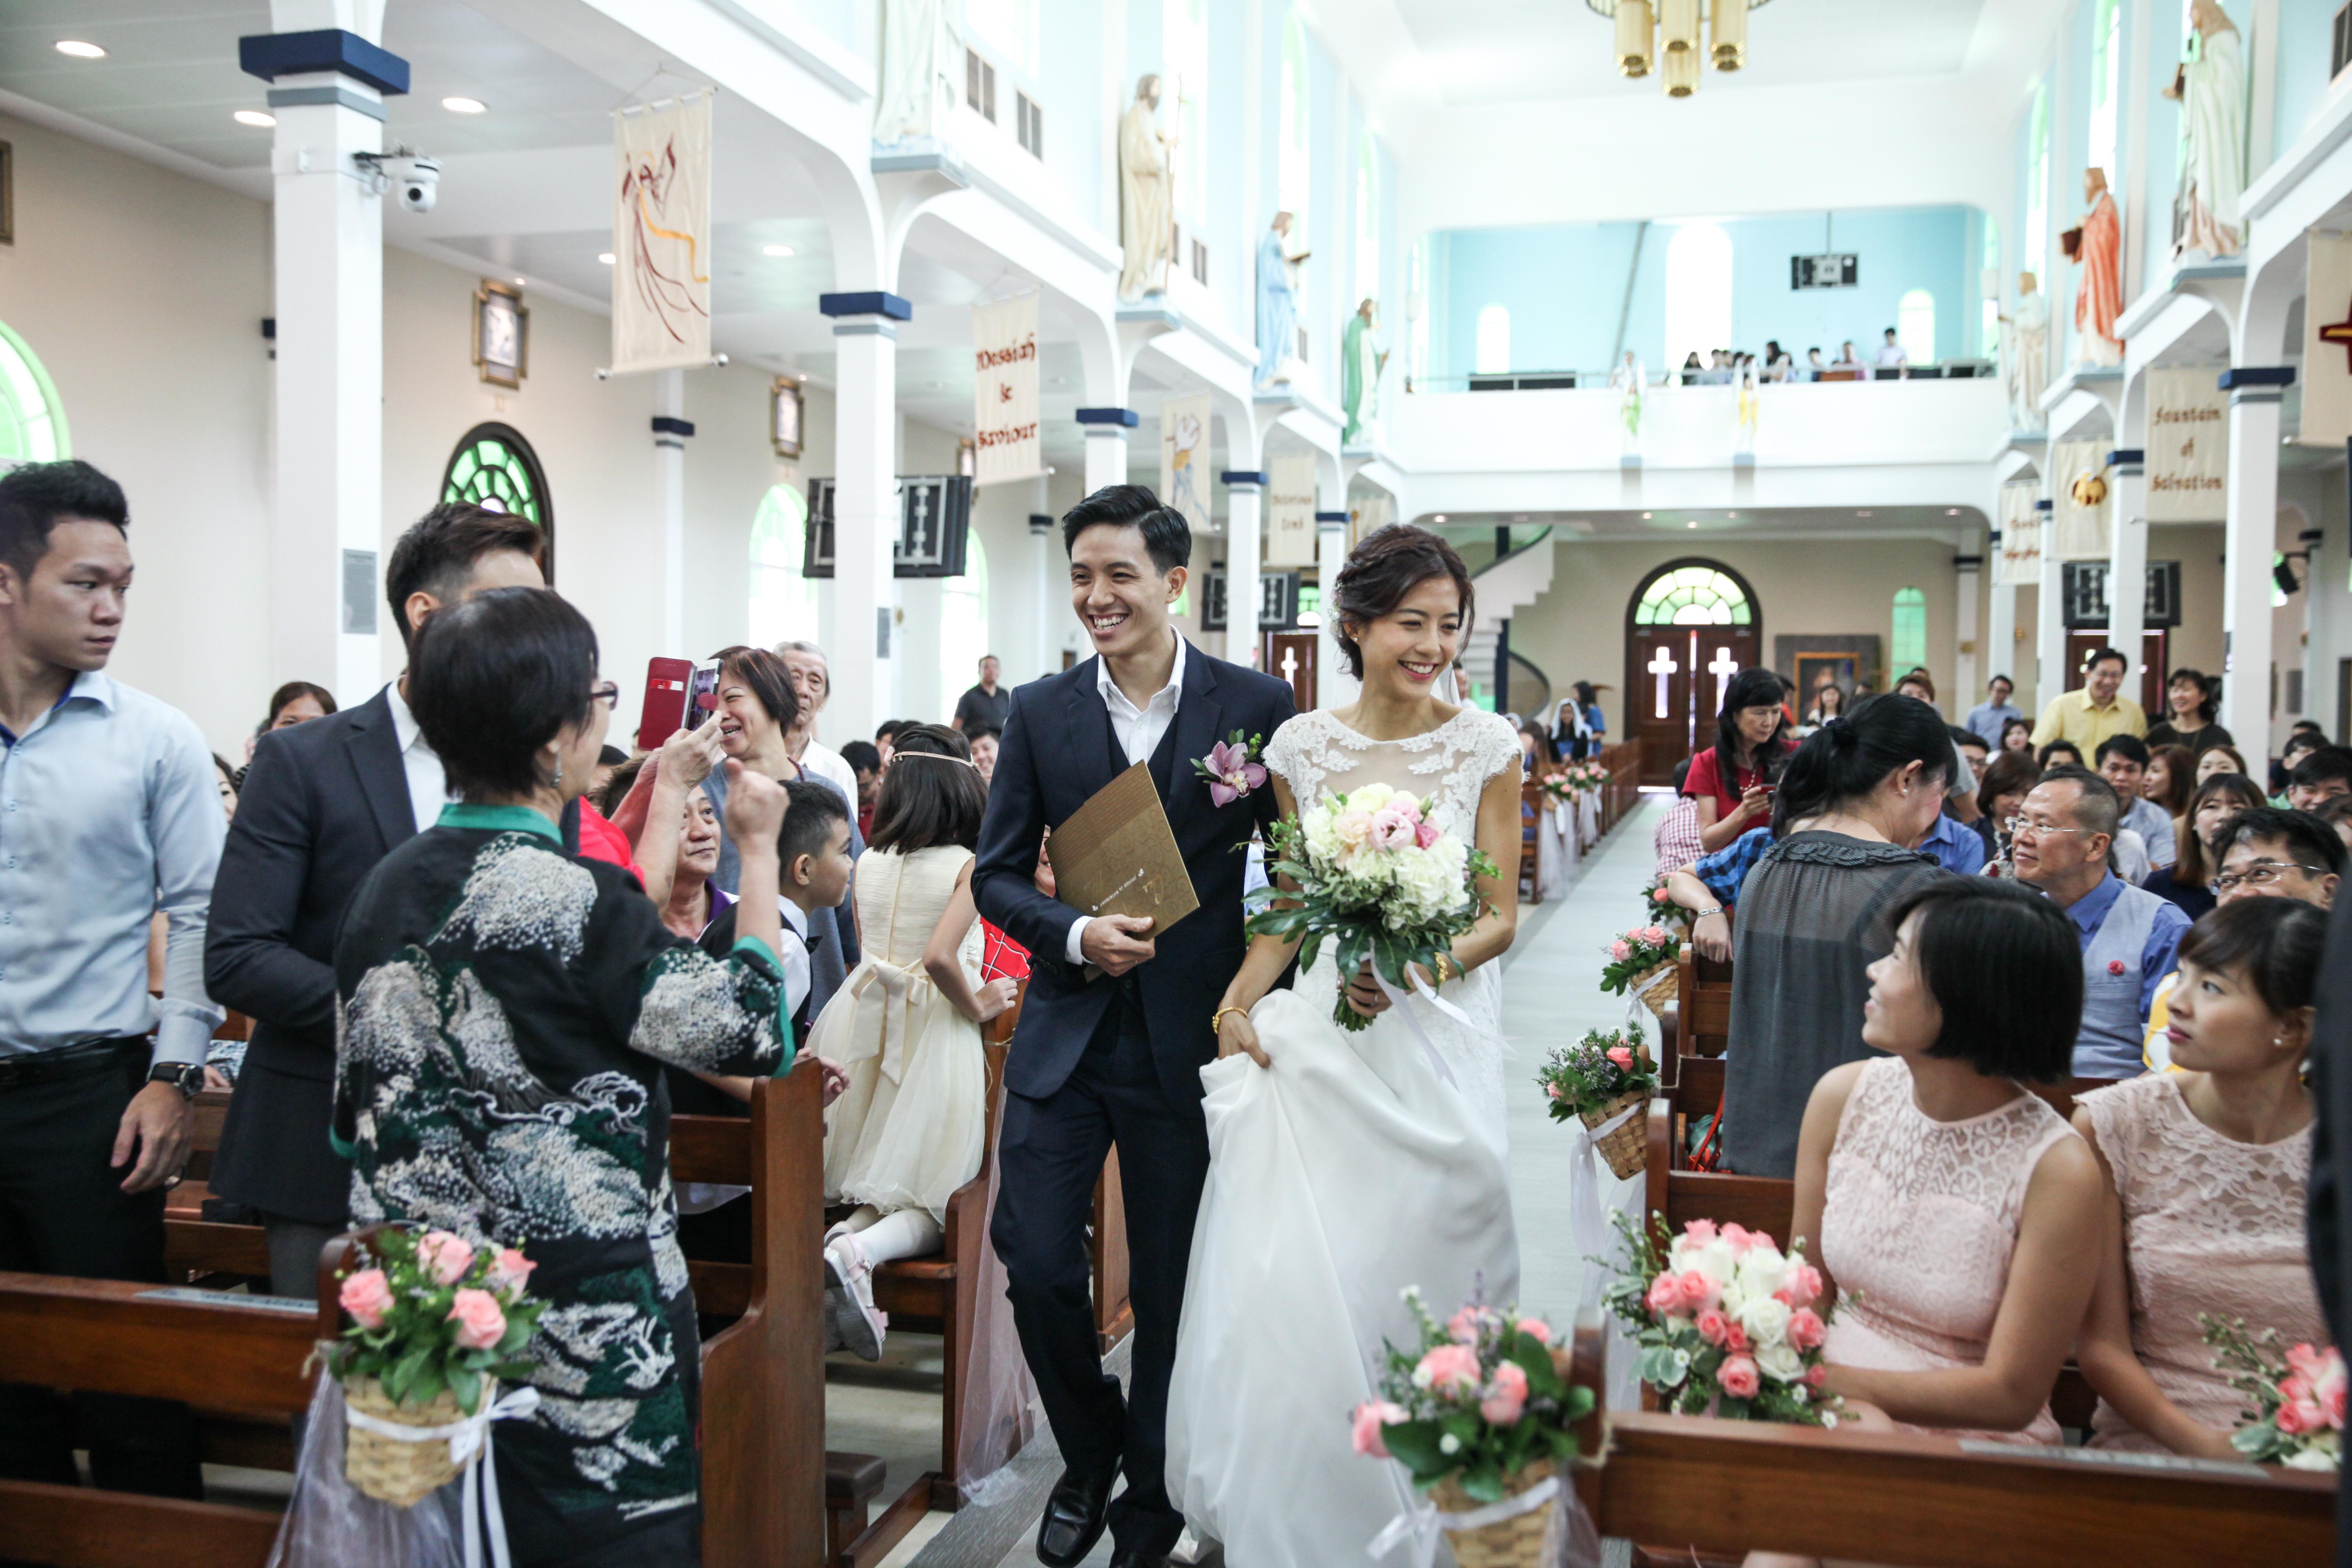 Wedding-Photography-Singapore-1